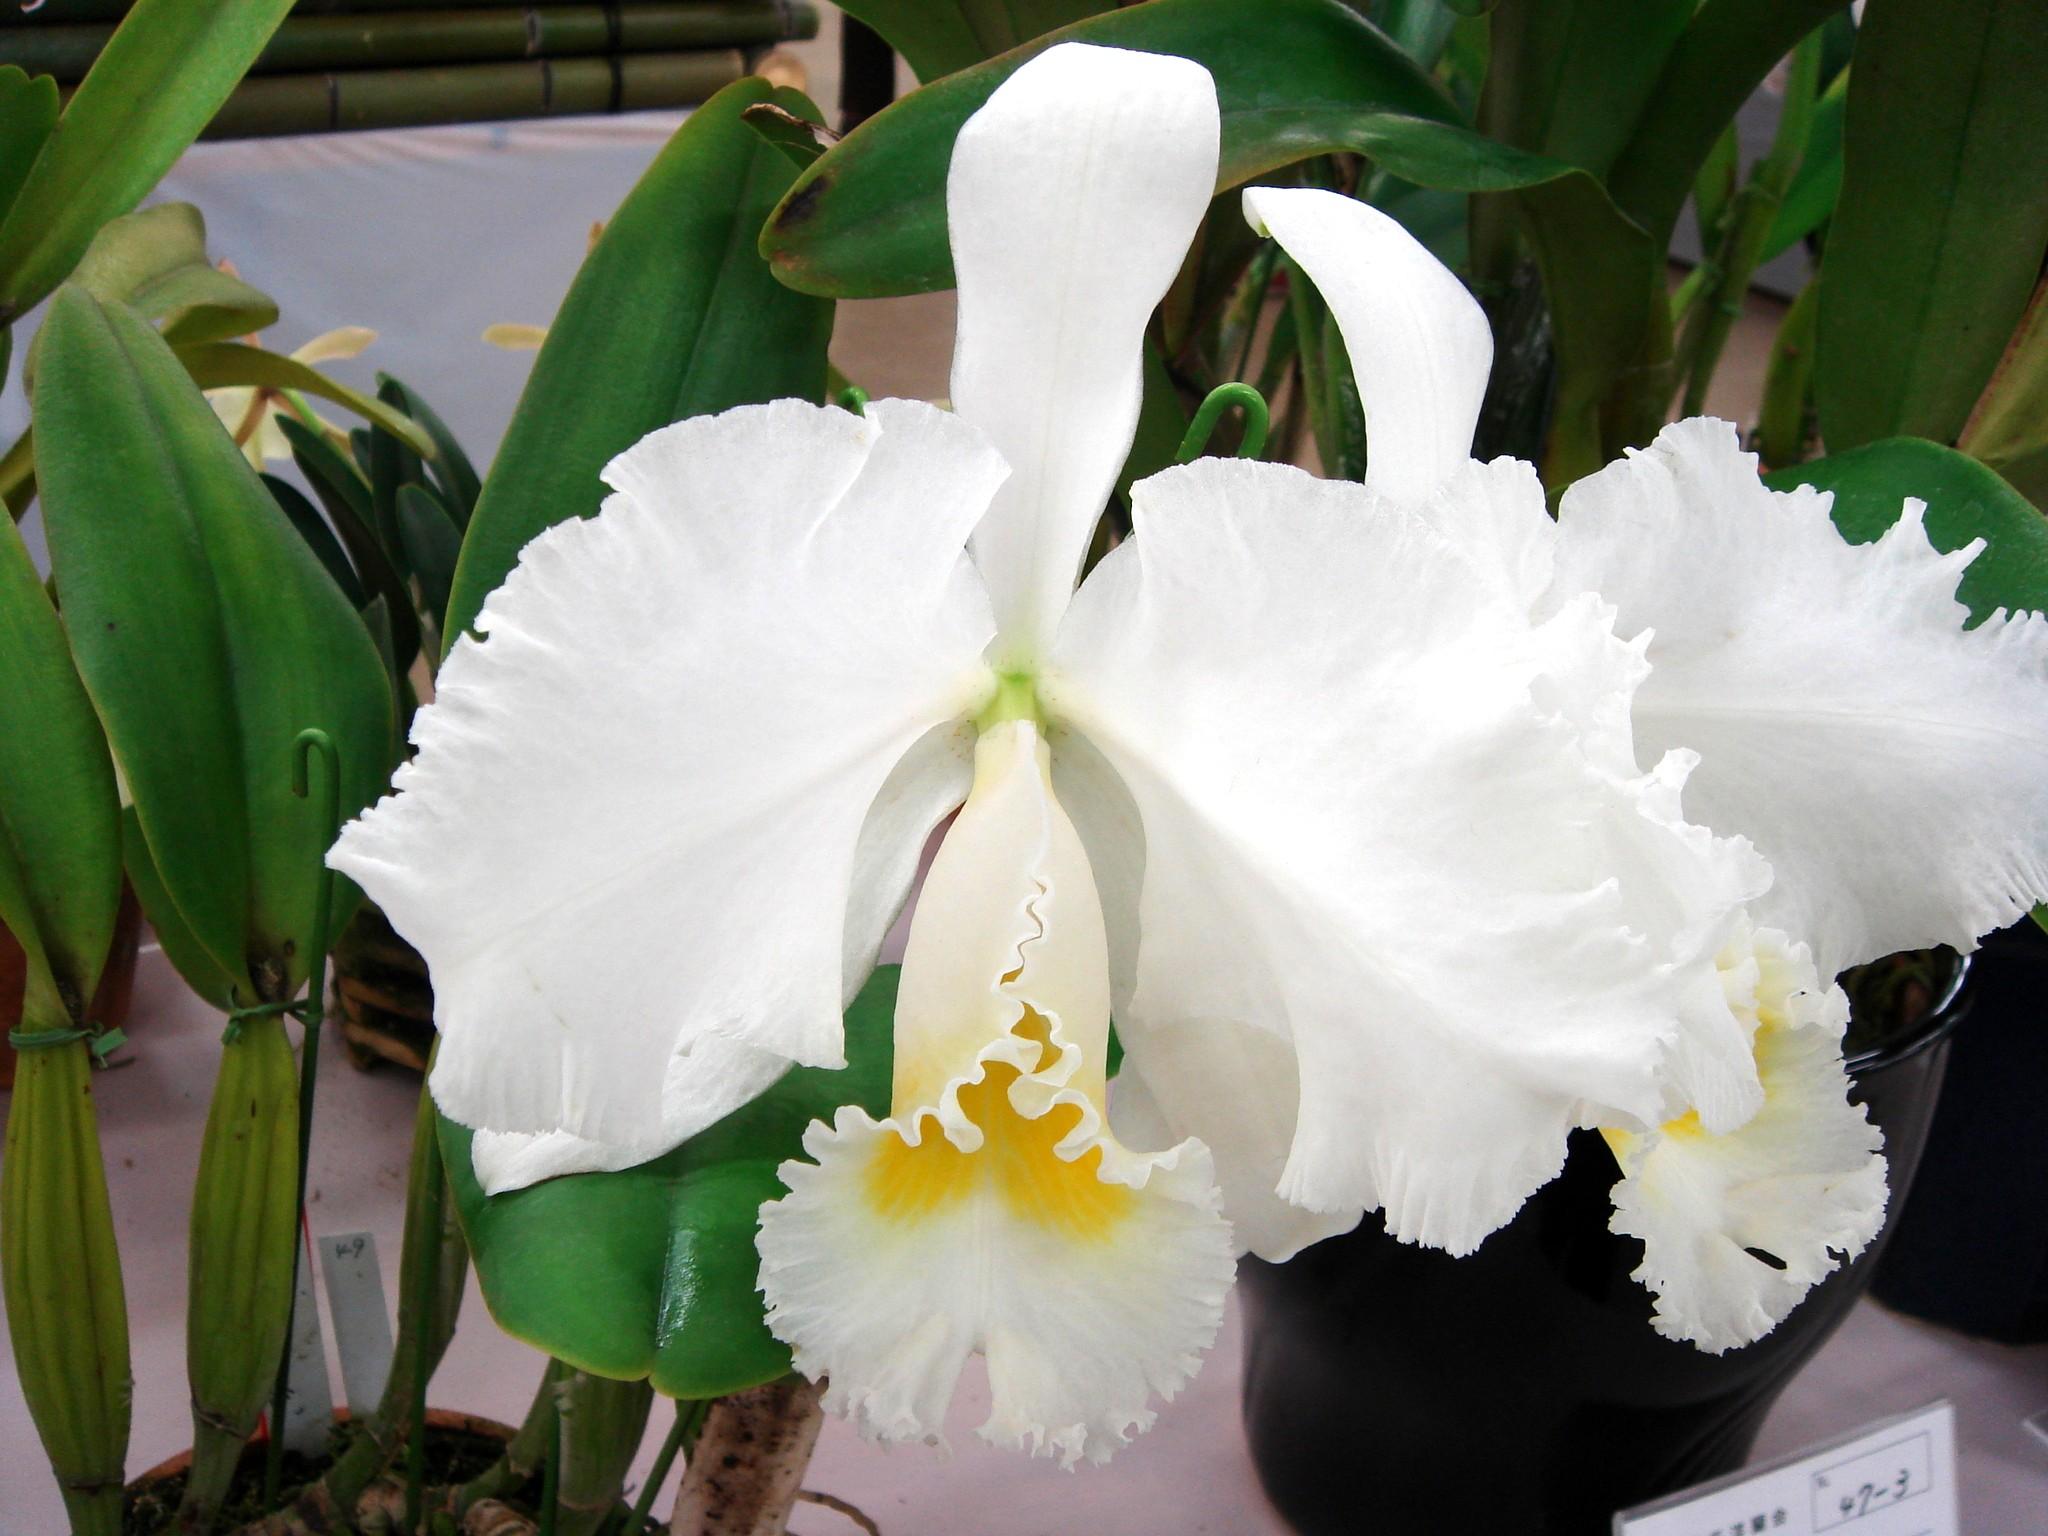 Cattleya trianae Lindley & Reichenbach f. var. alba